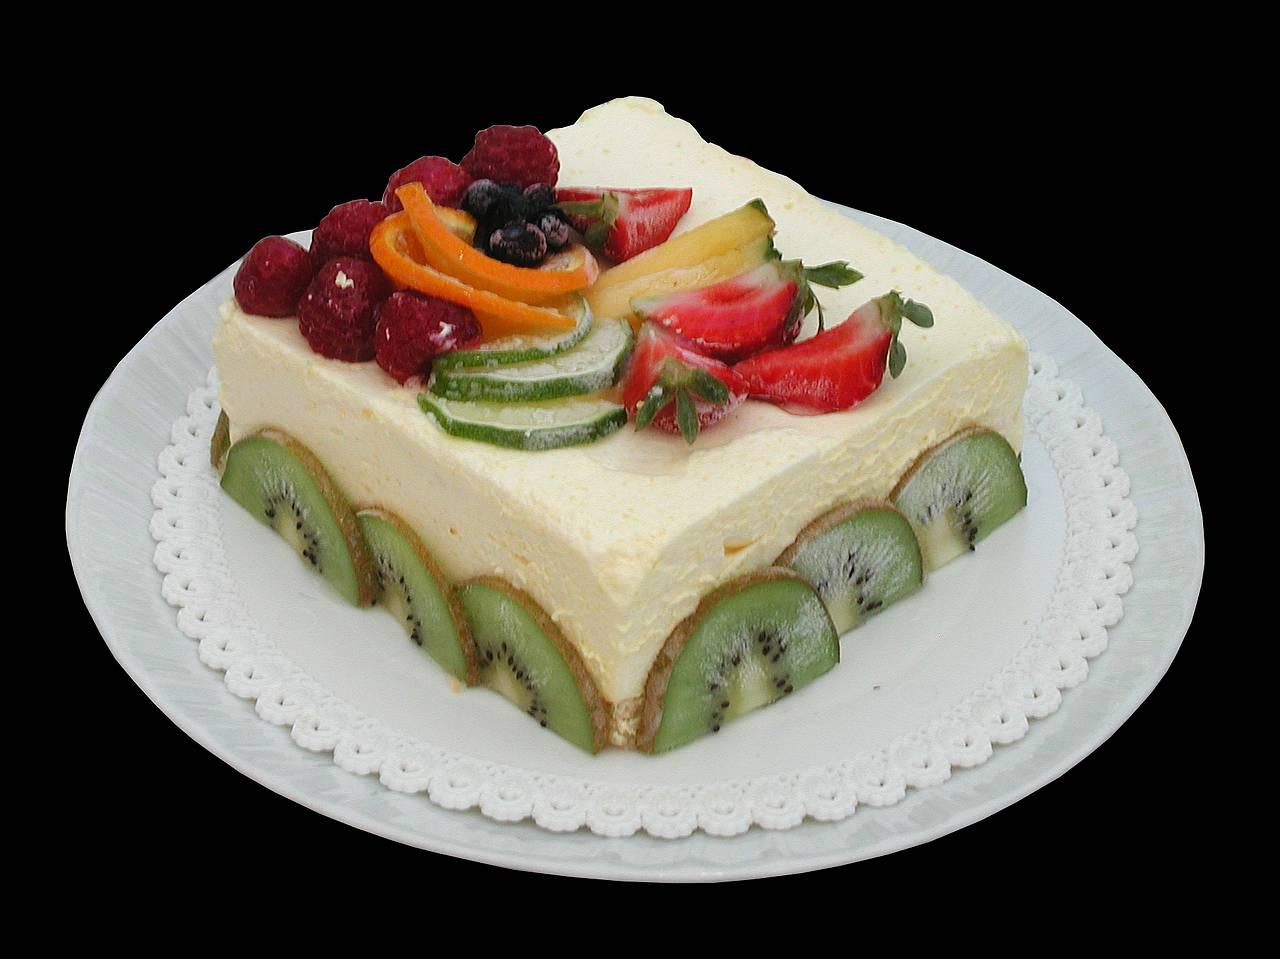 كل عام وانتم بخير  بمناسبة عيد الفطر المبار Sweets_fruit_ice_cream_cake